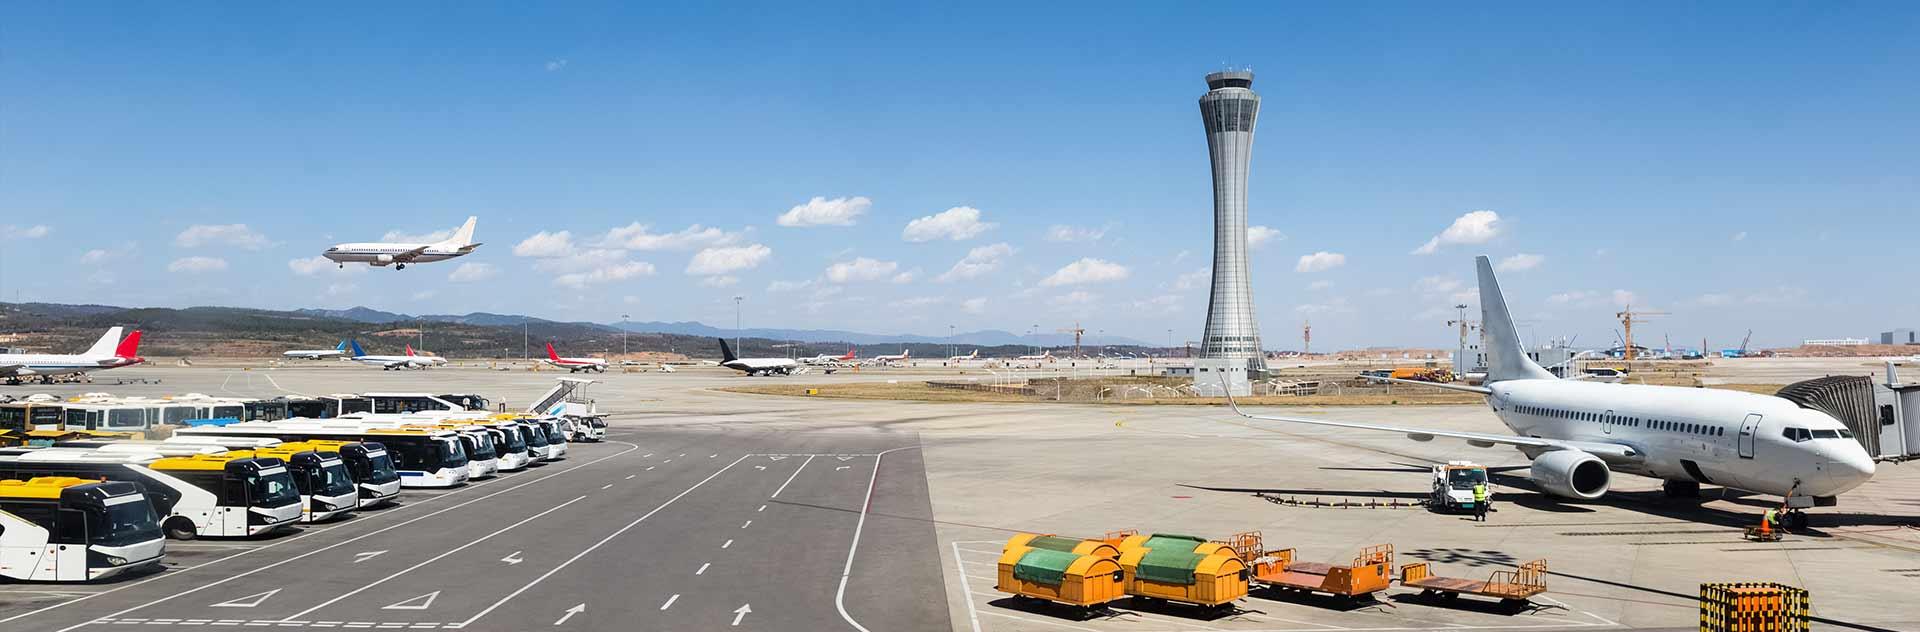 Airport - Detection Algorithms